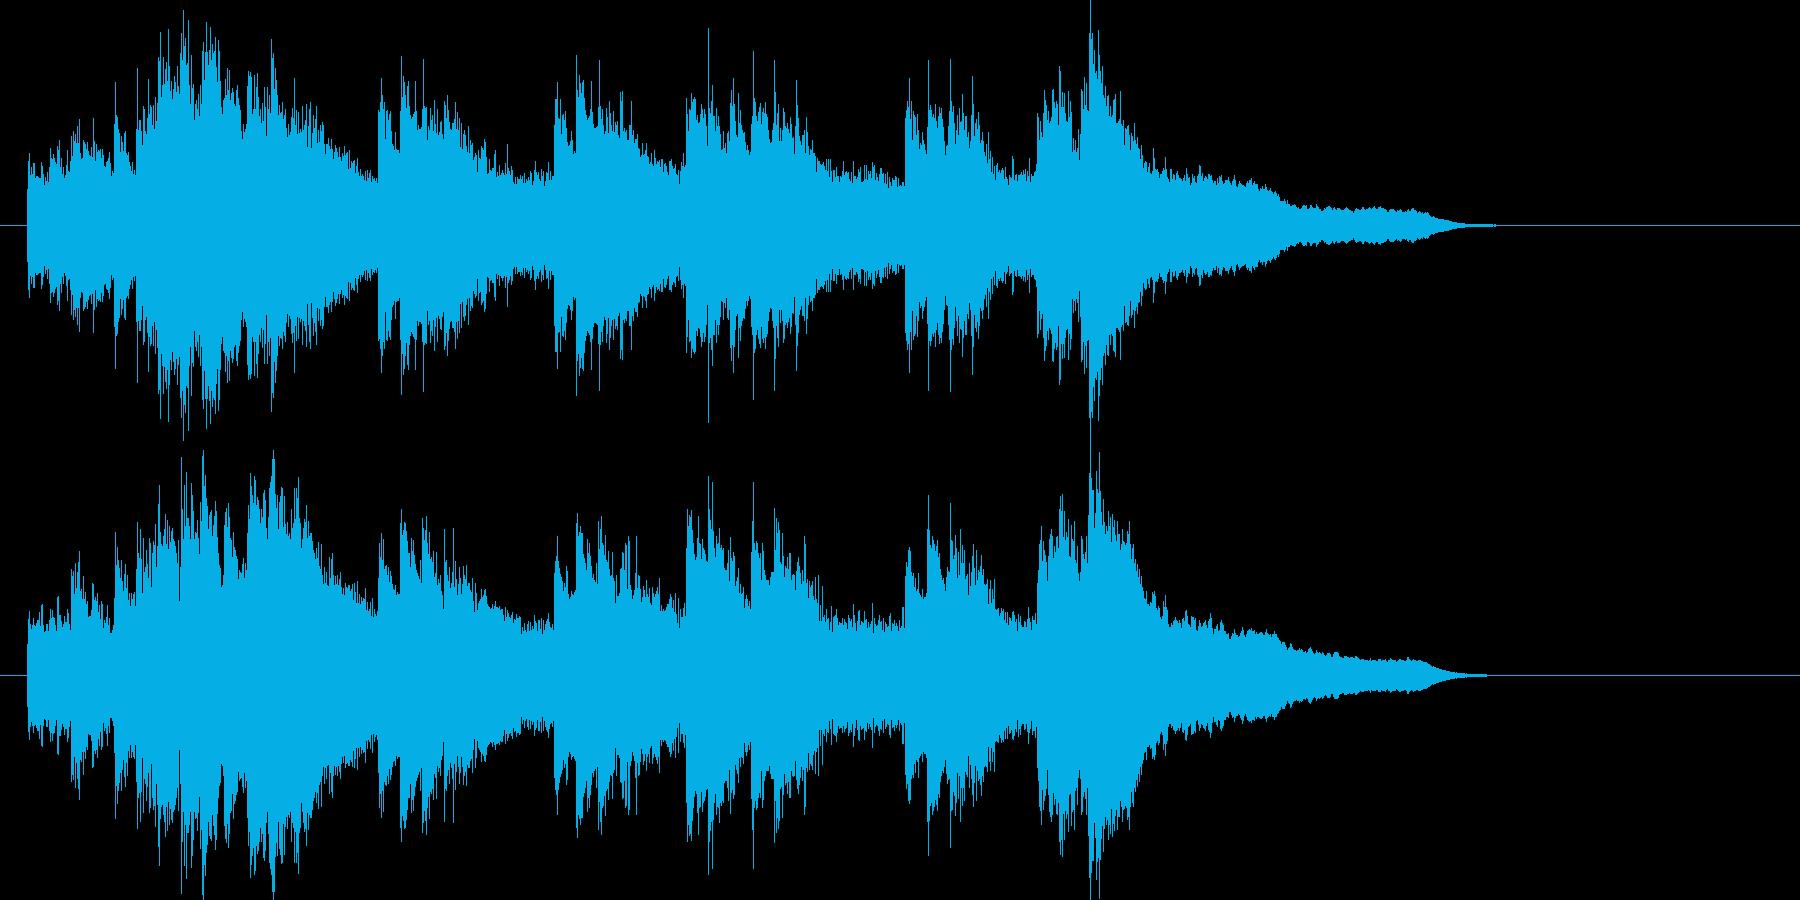 雨音から最後、爽やかに終わるピアノの曲の再生済みの波形